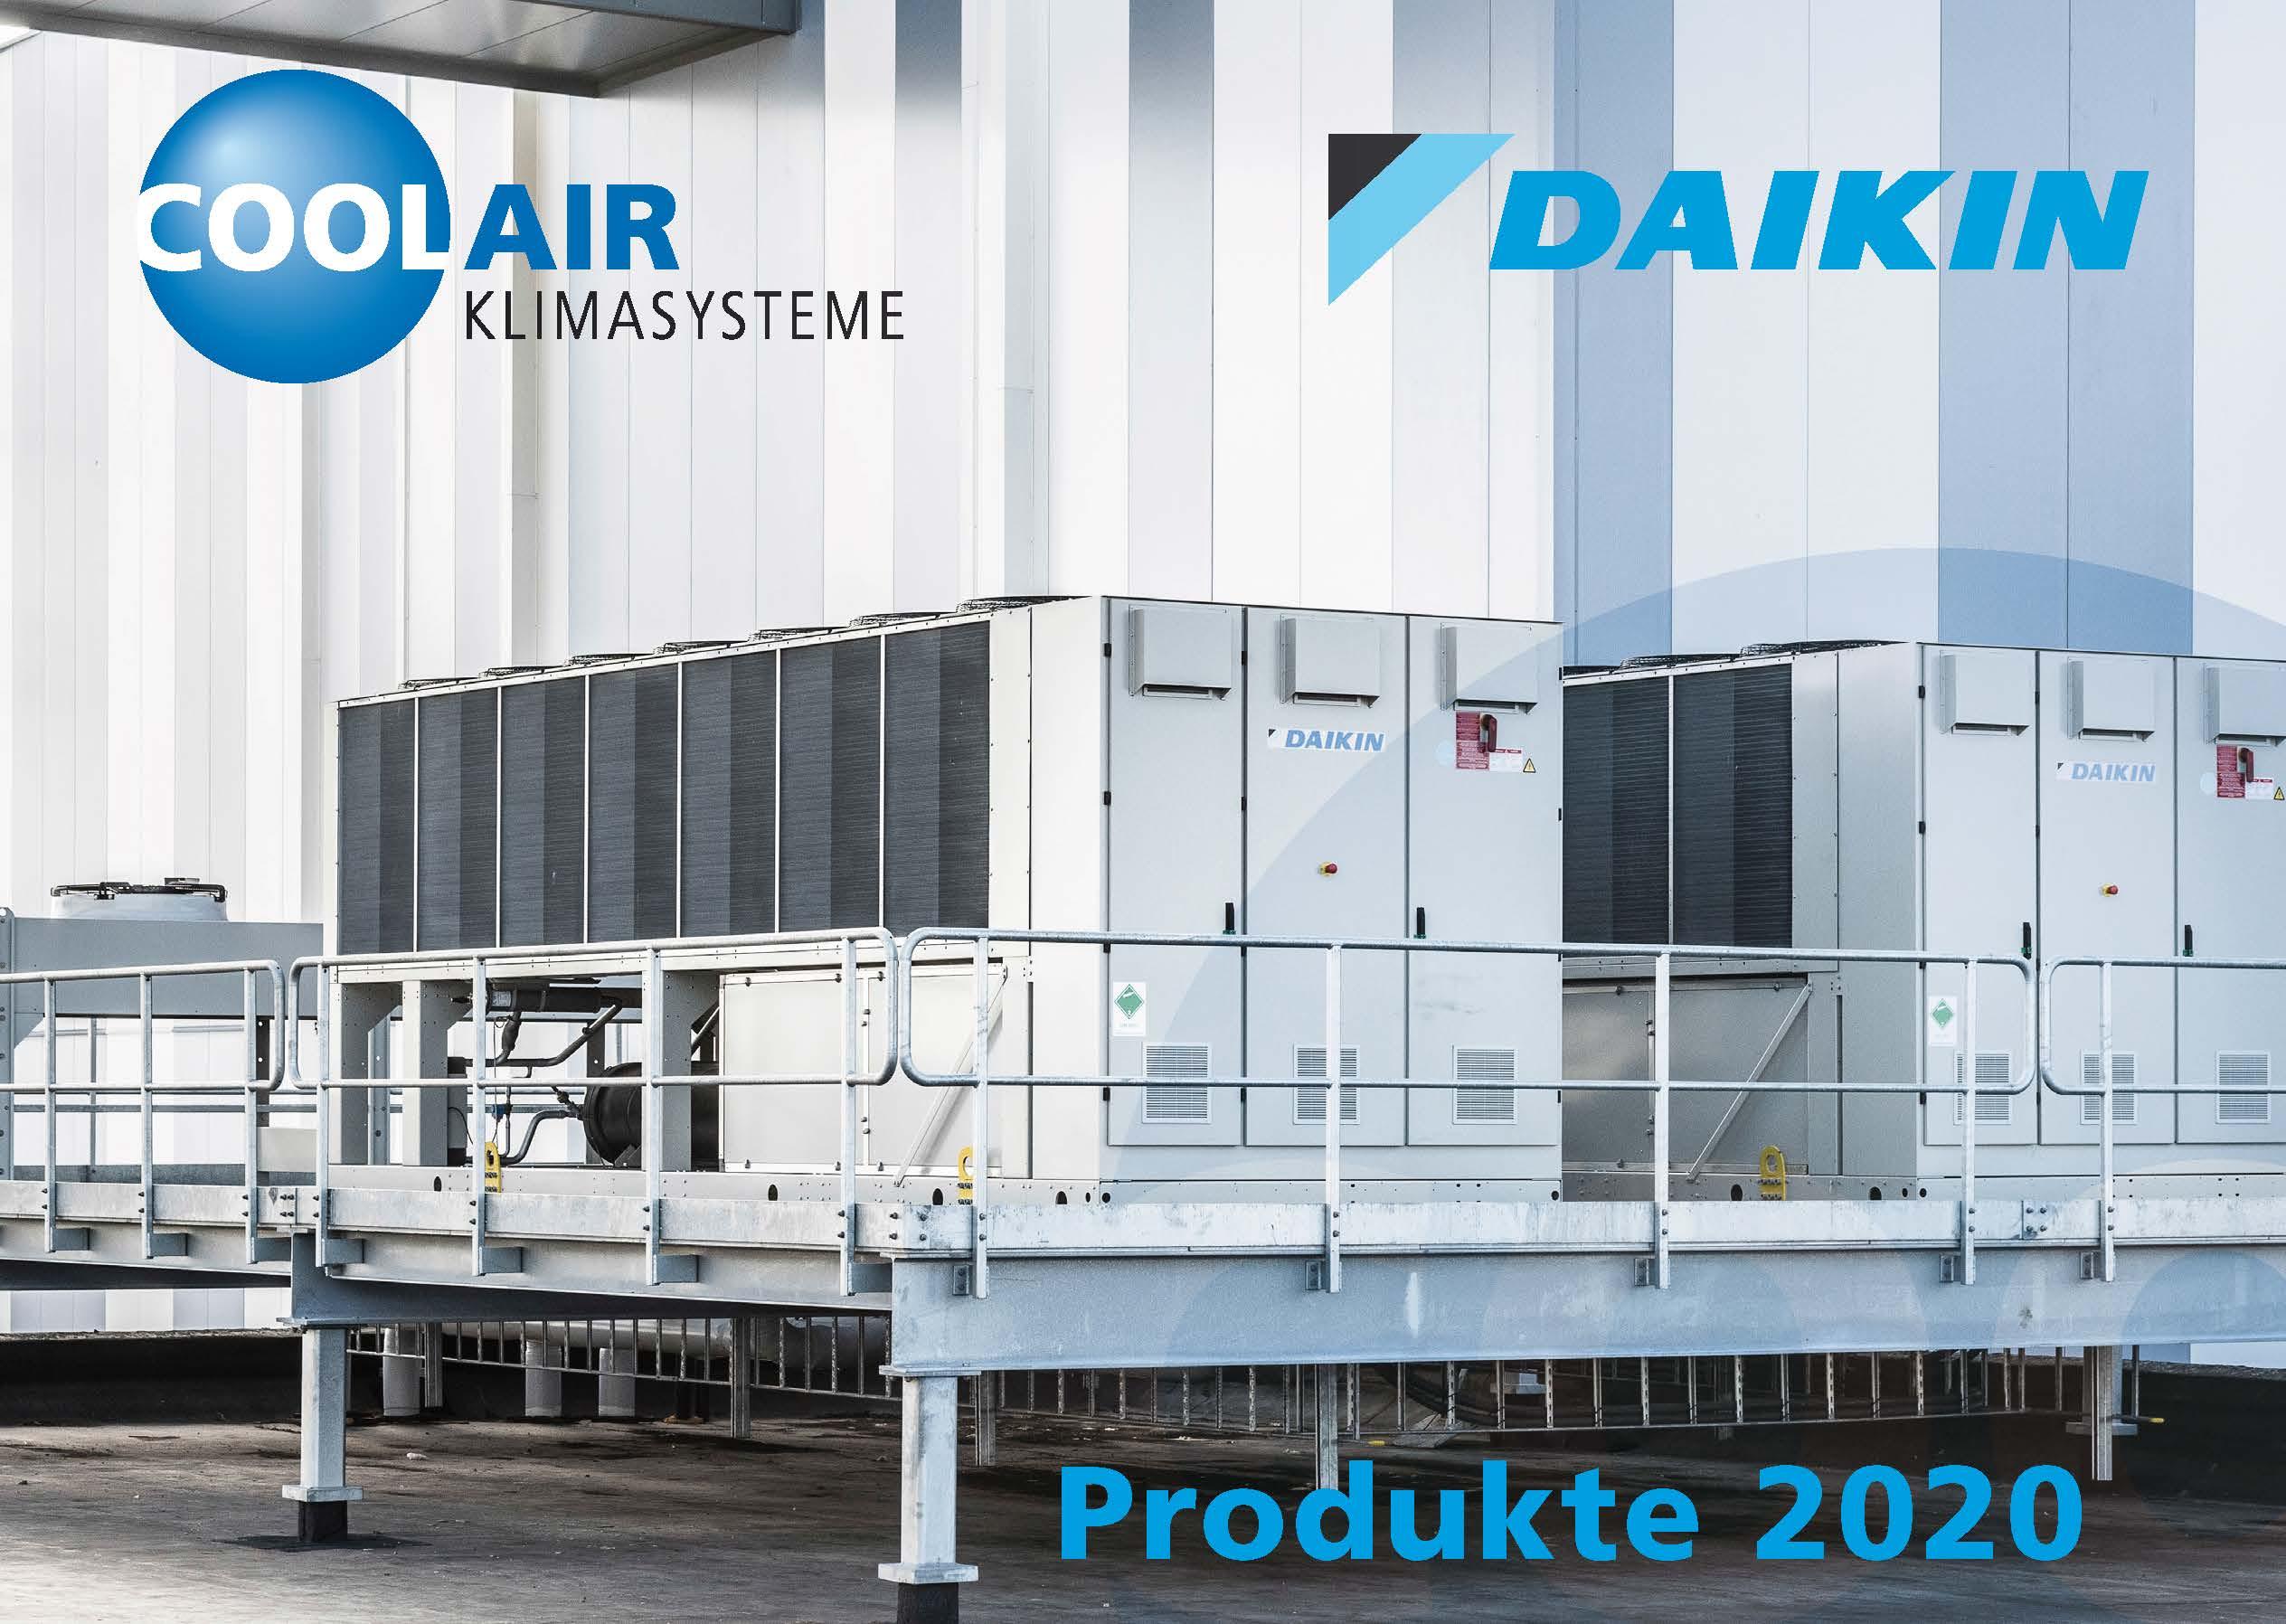 DAIKIN Produkte 2020